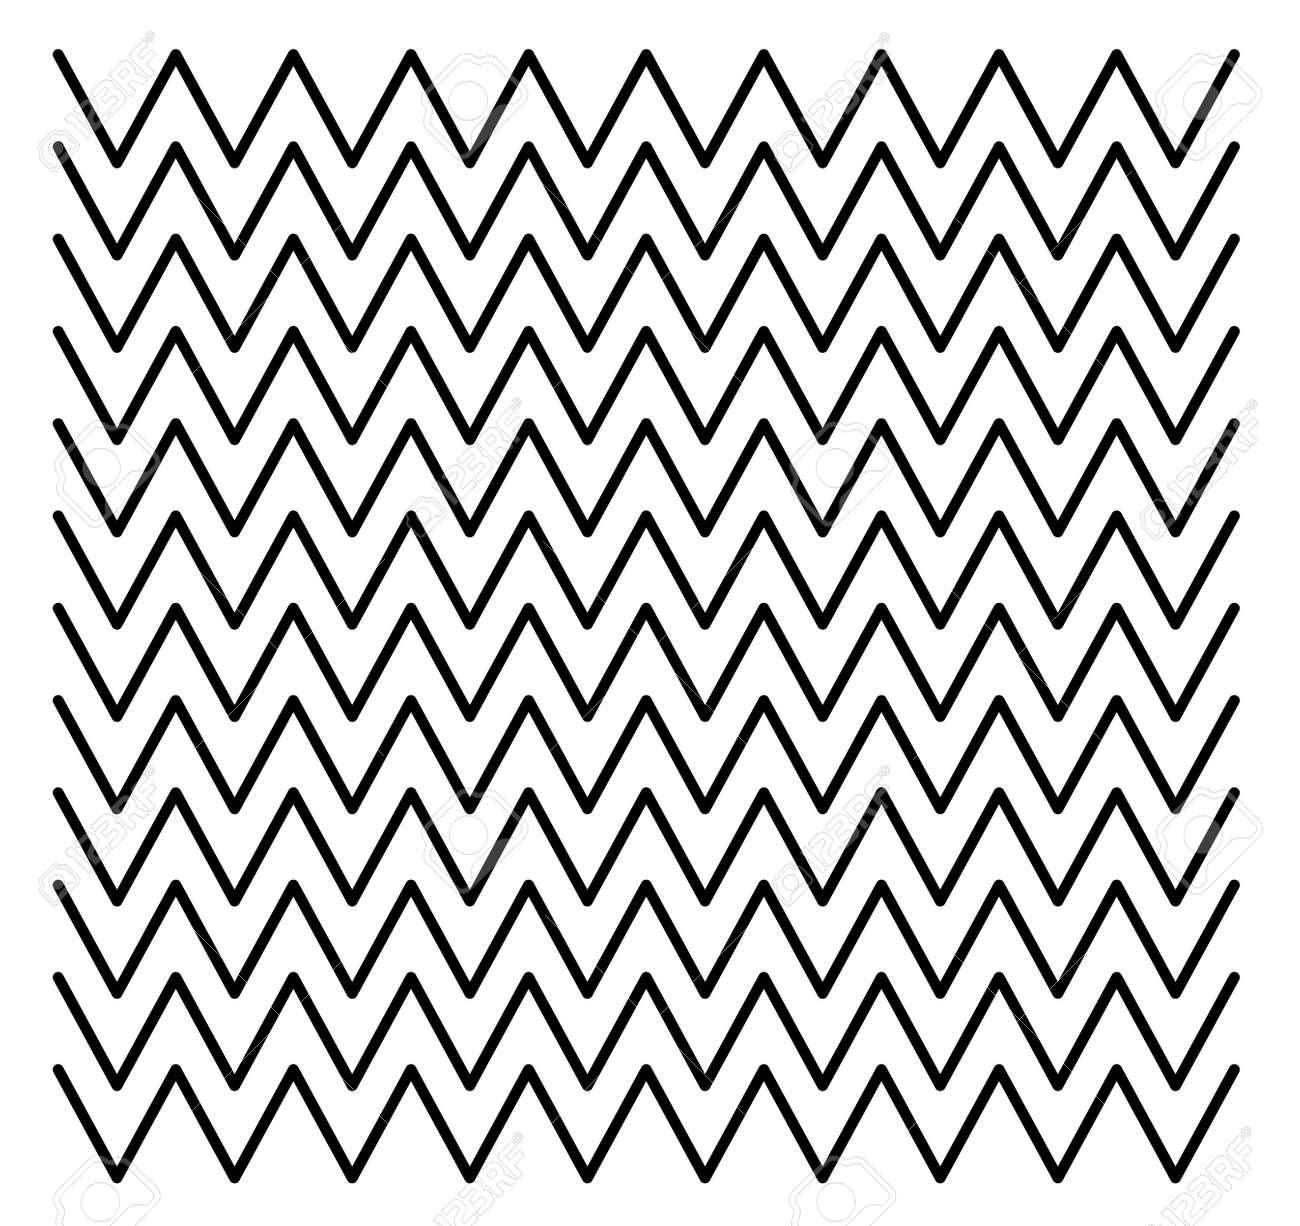 Wave zigzag line pattern design - 170877697